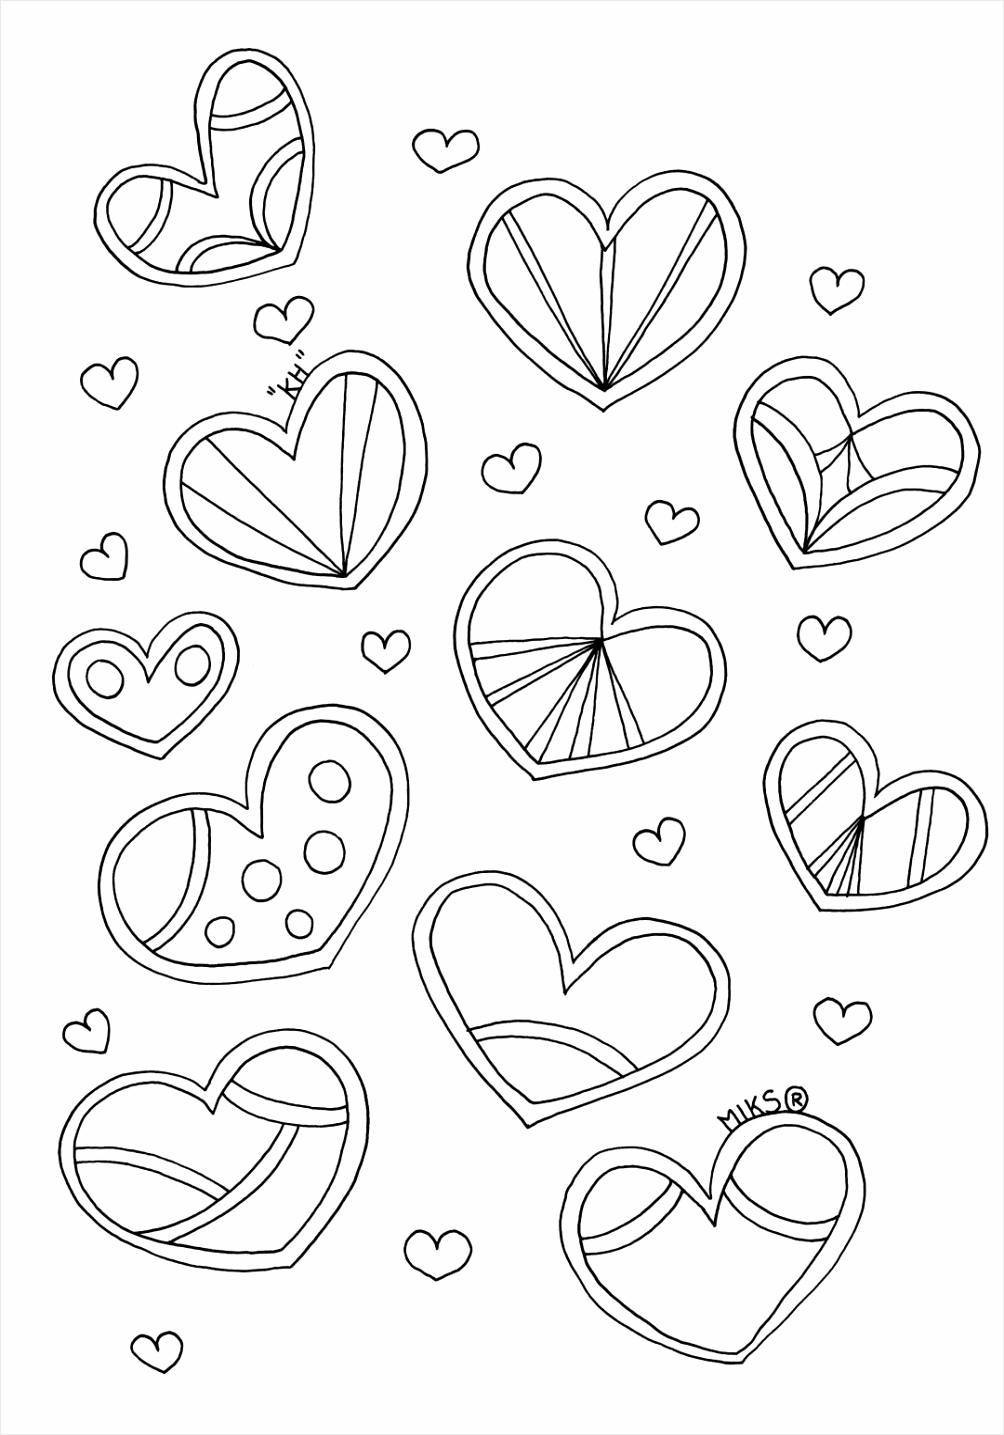 kleurplaat bloemen hartjes kleurplaten234 kleurplaten234